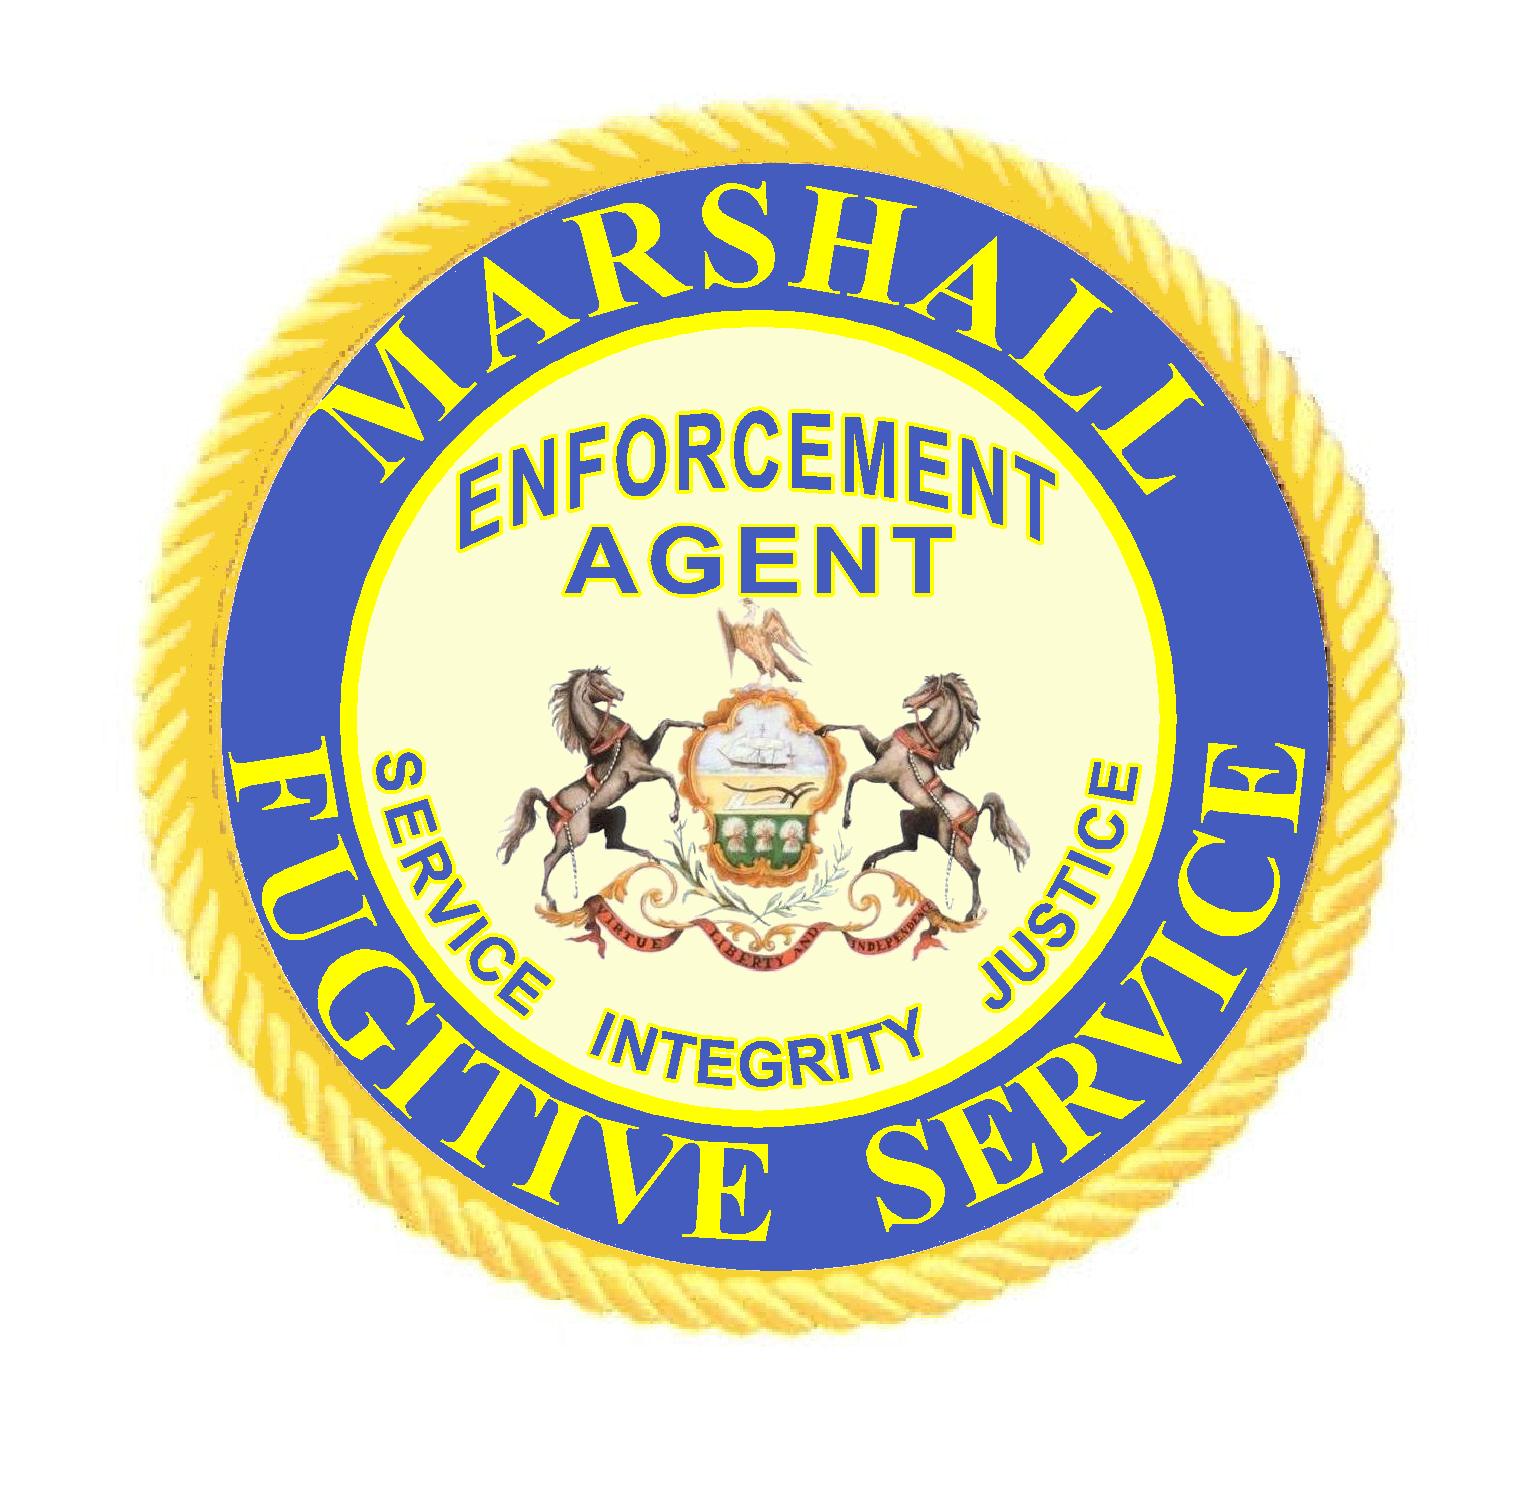 Marshall Fugitive Service Logo